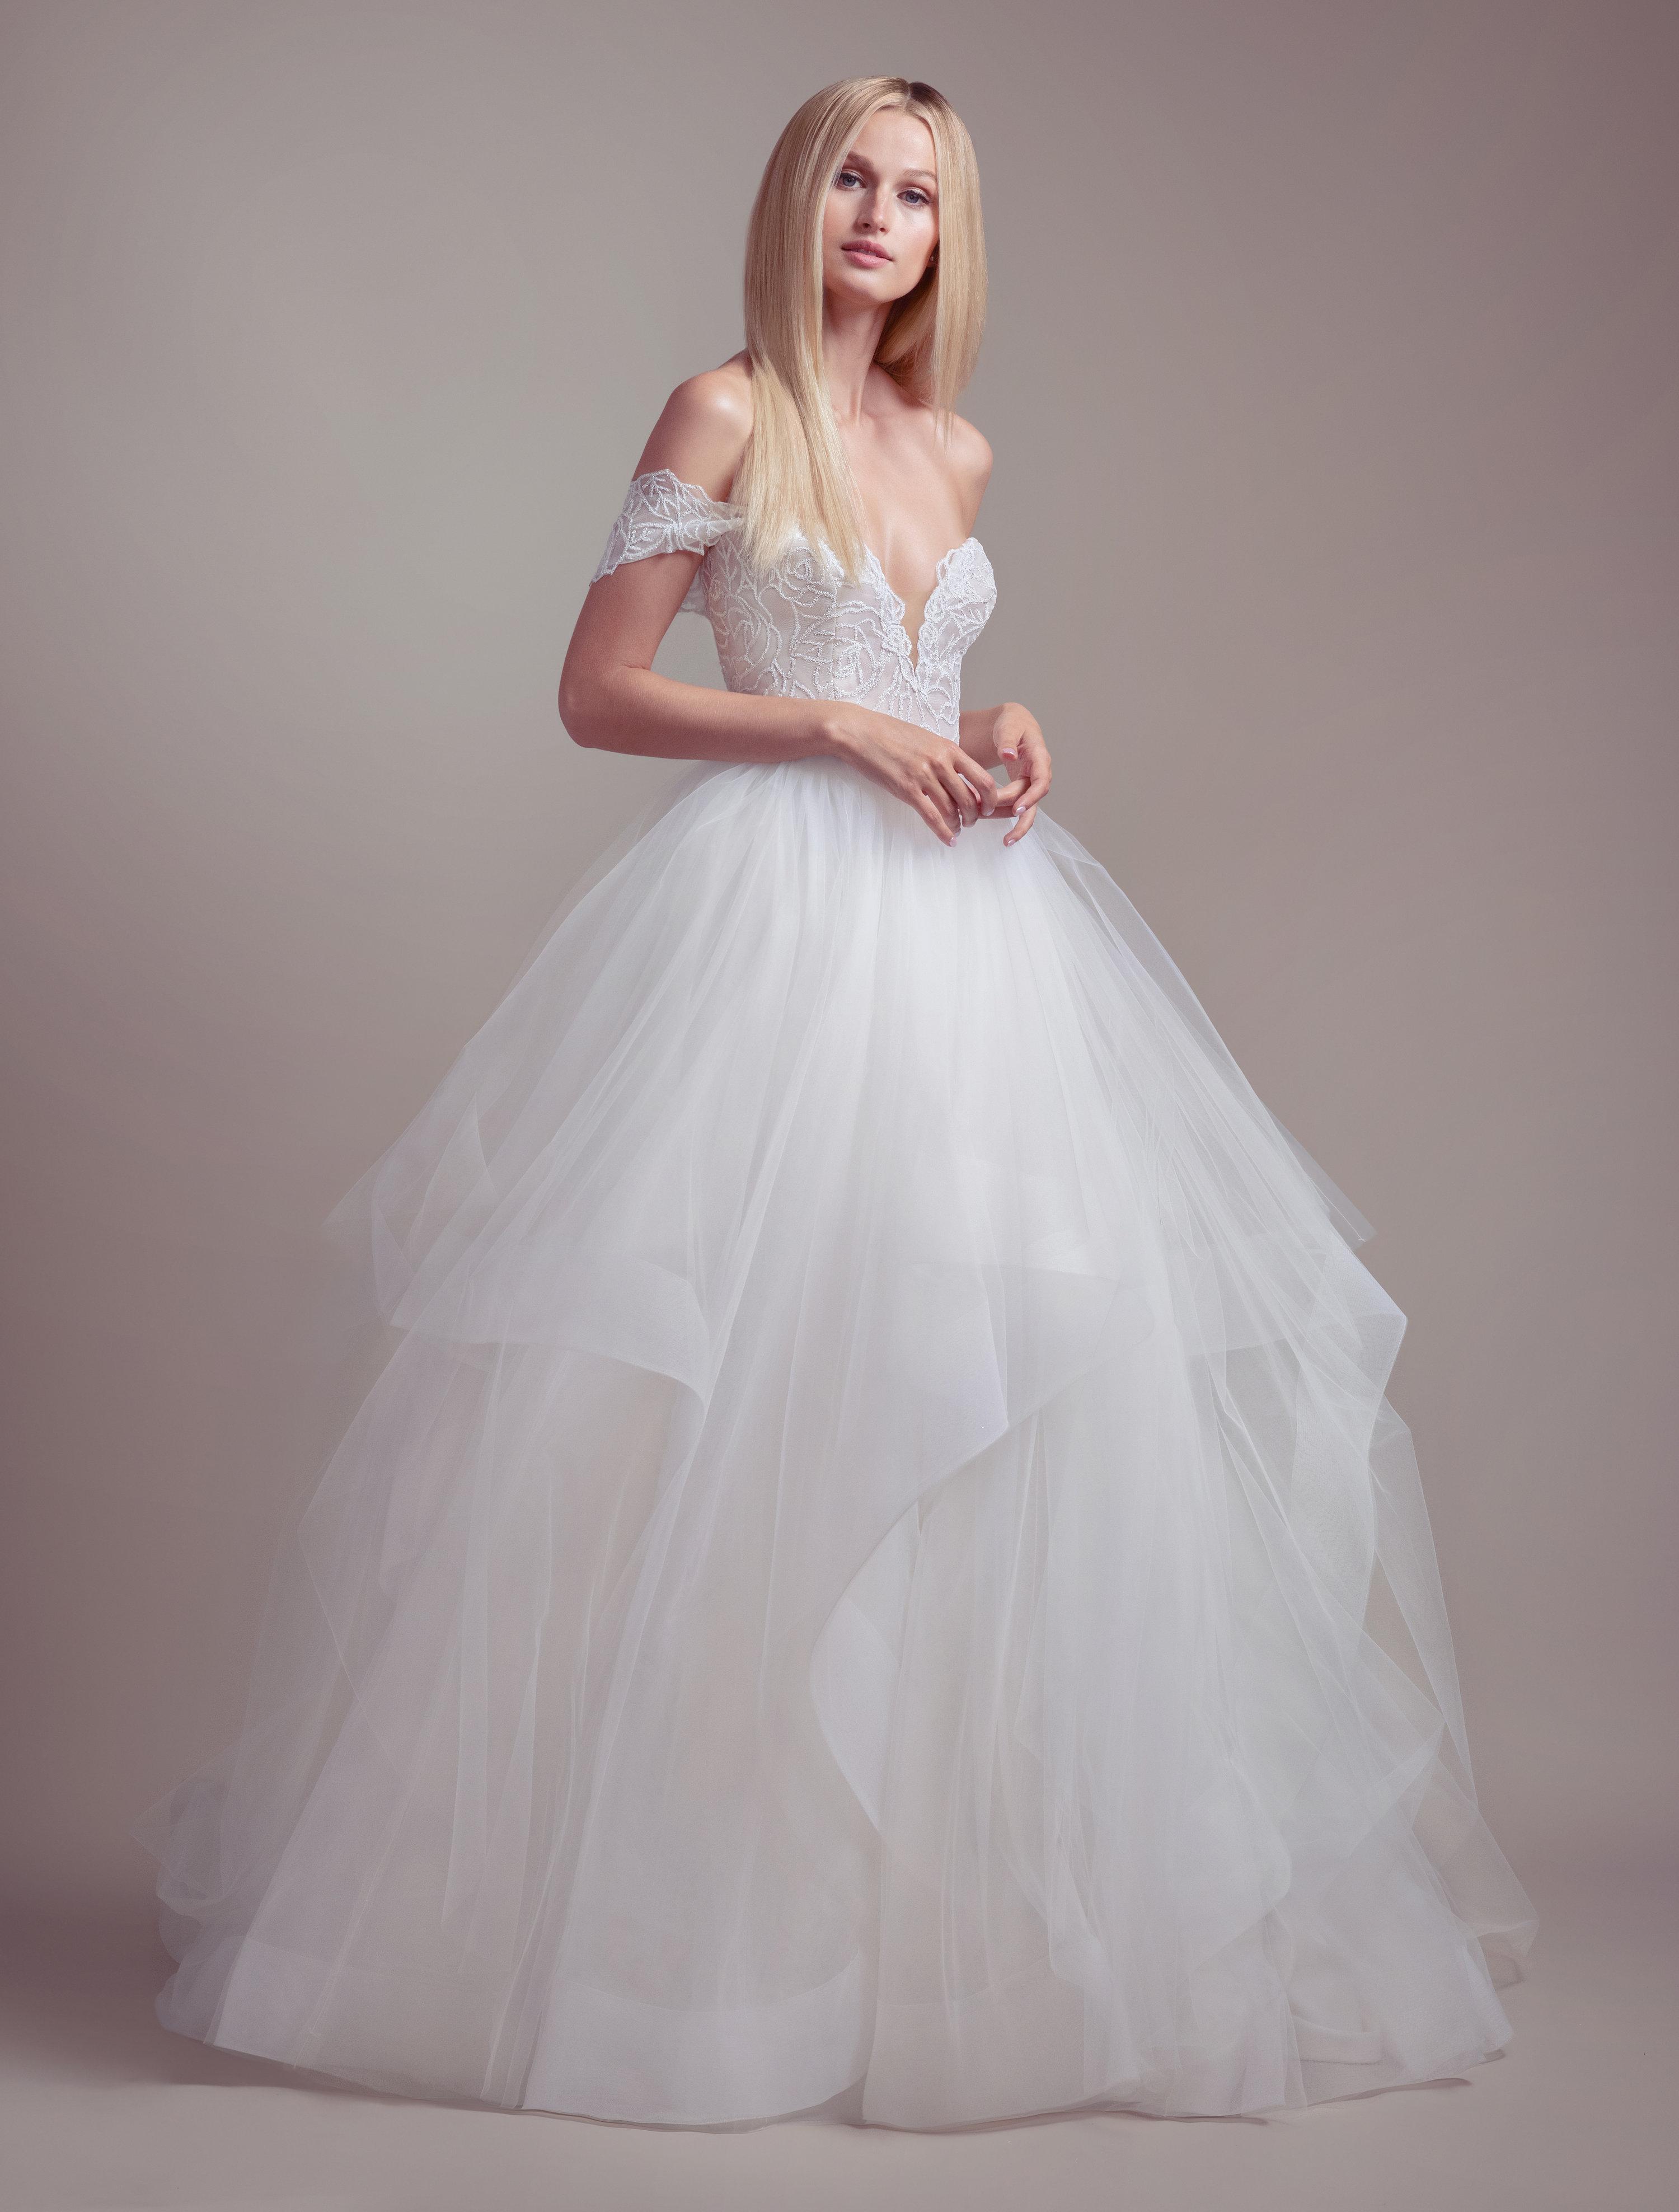 Strapless Tulle Skirt Ball Gown Wedding Dress